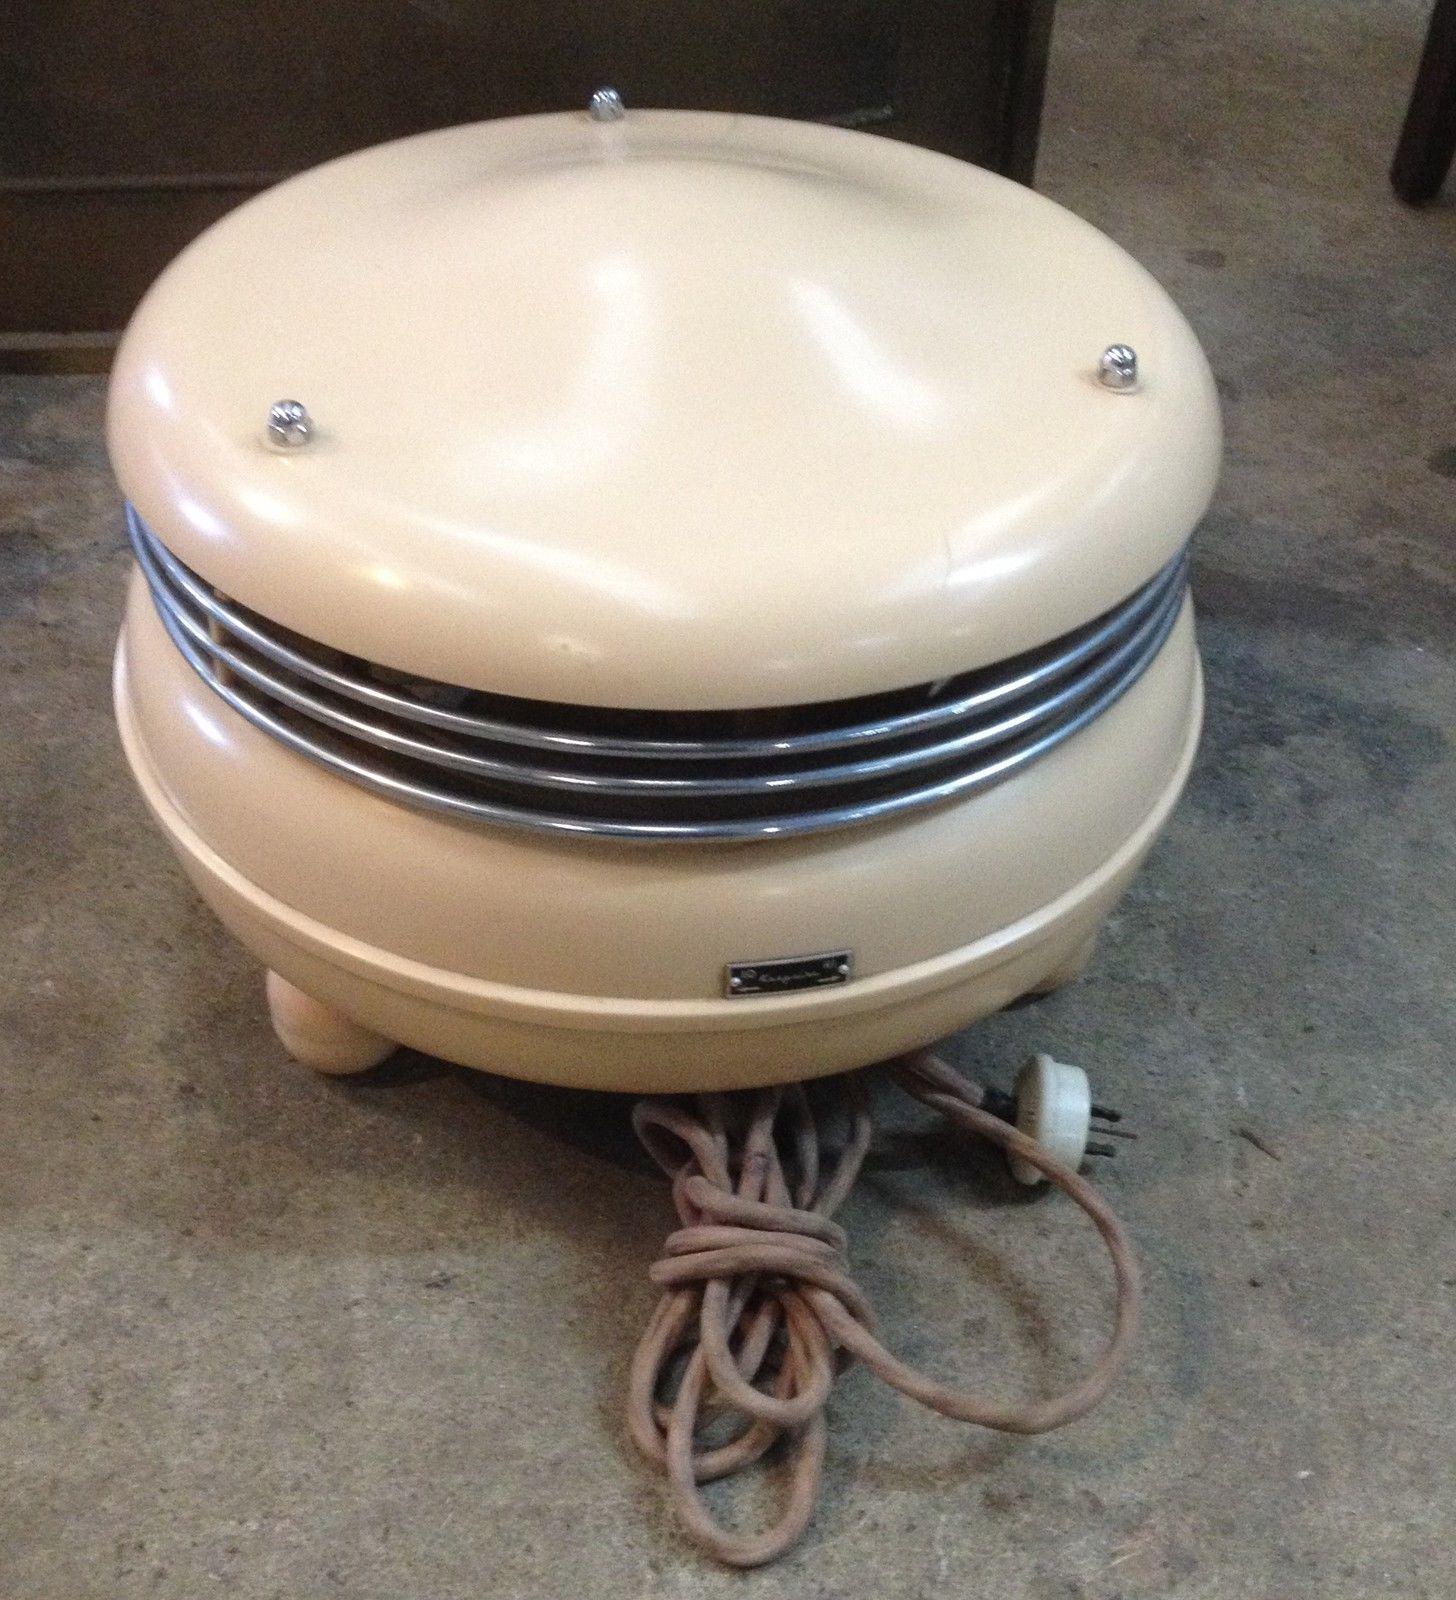 Vintage Art Deco Retro Bakelite Kasyaire Circular Heater On Three Feet Works   Halsey Road Recyclers